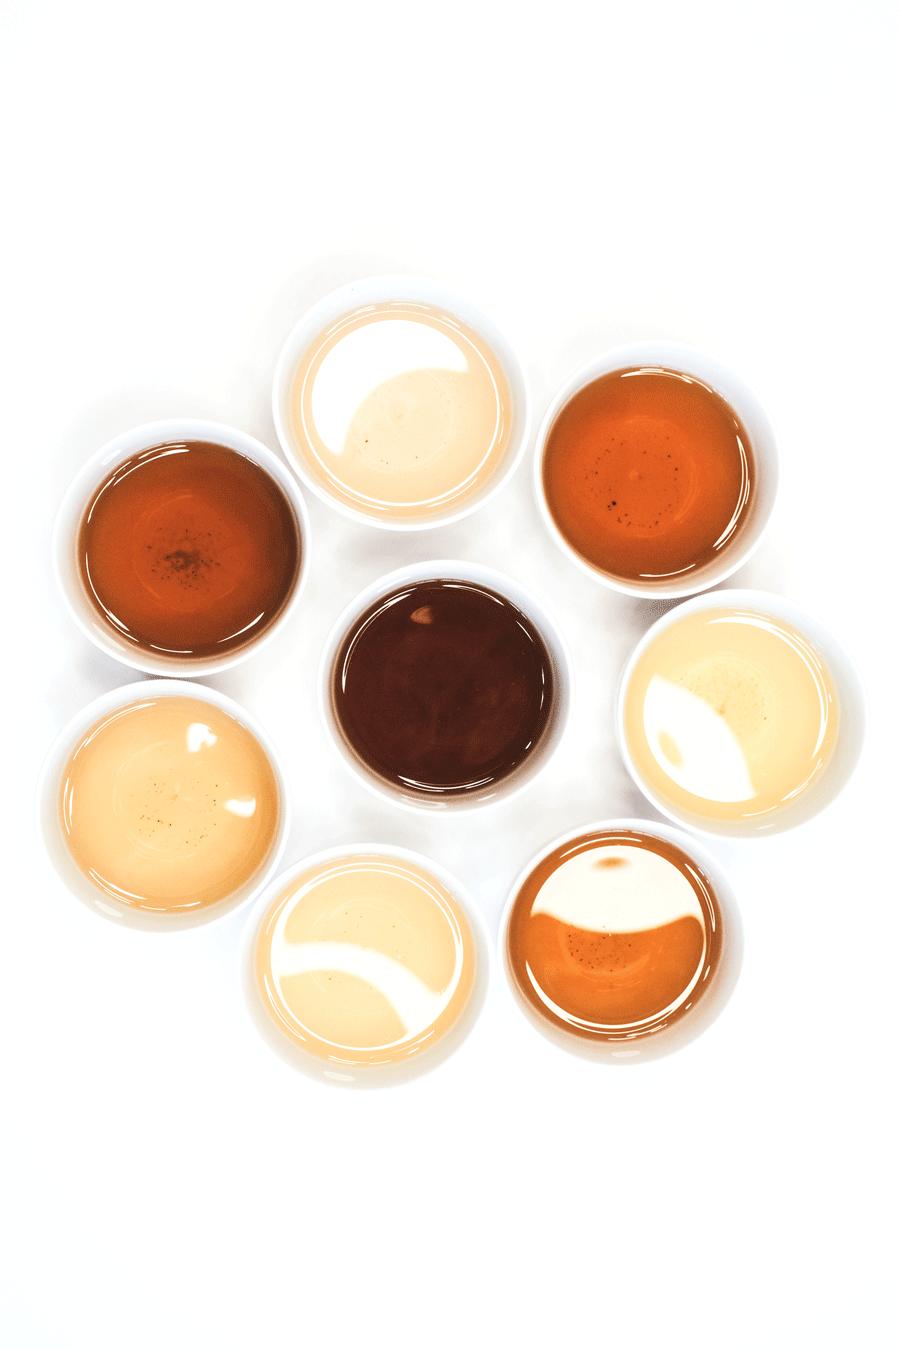 TEA-TASTING MIT GILLITZER'S TEAMASTER GOLD - Marcus und Katharina Eismann bieten ein interessantes, kurzweiliges Teatasting an mit interessanten Erklärungen, Tipps und Informationen zu Herkunft und Herstellung wie die perfekte Zubereitung von exklusiven Teesorten. Dauer ca. 1,5 Stunde. Mind. Mind. Teilnehmerzahl ab 4 , Preis € 15